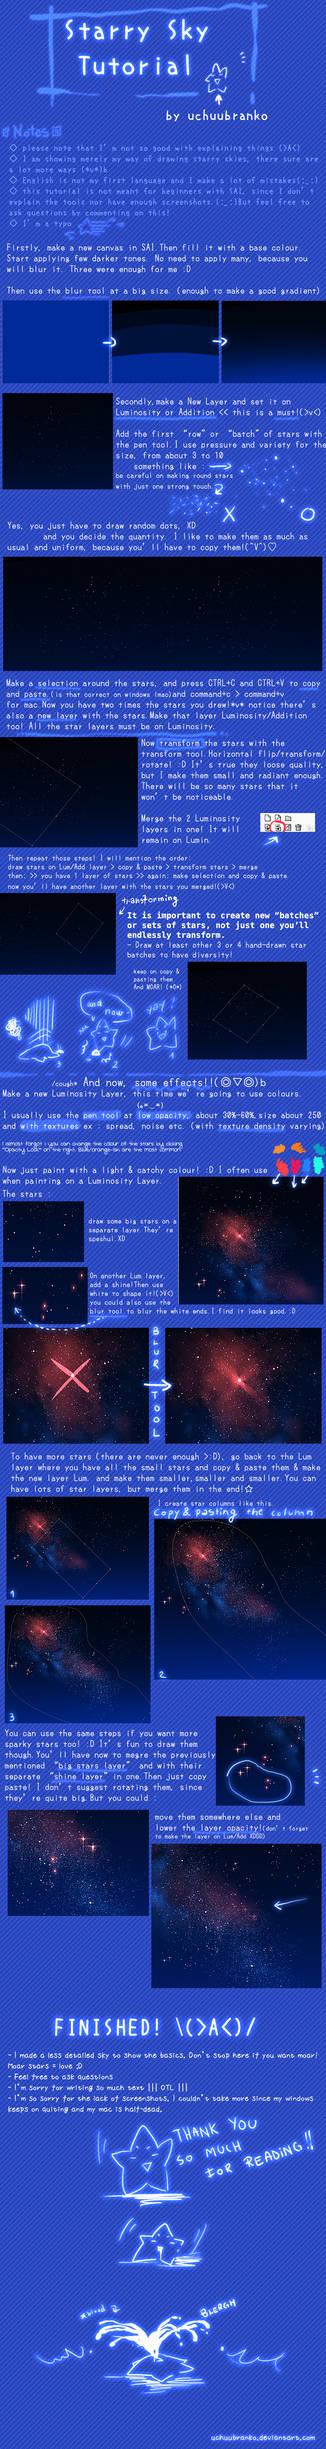 SAI : Starry Sky Tutorial